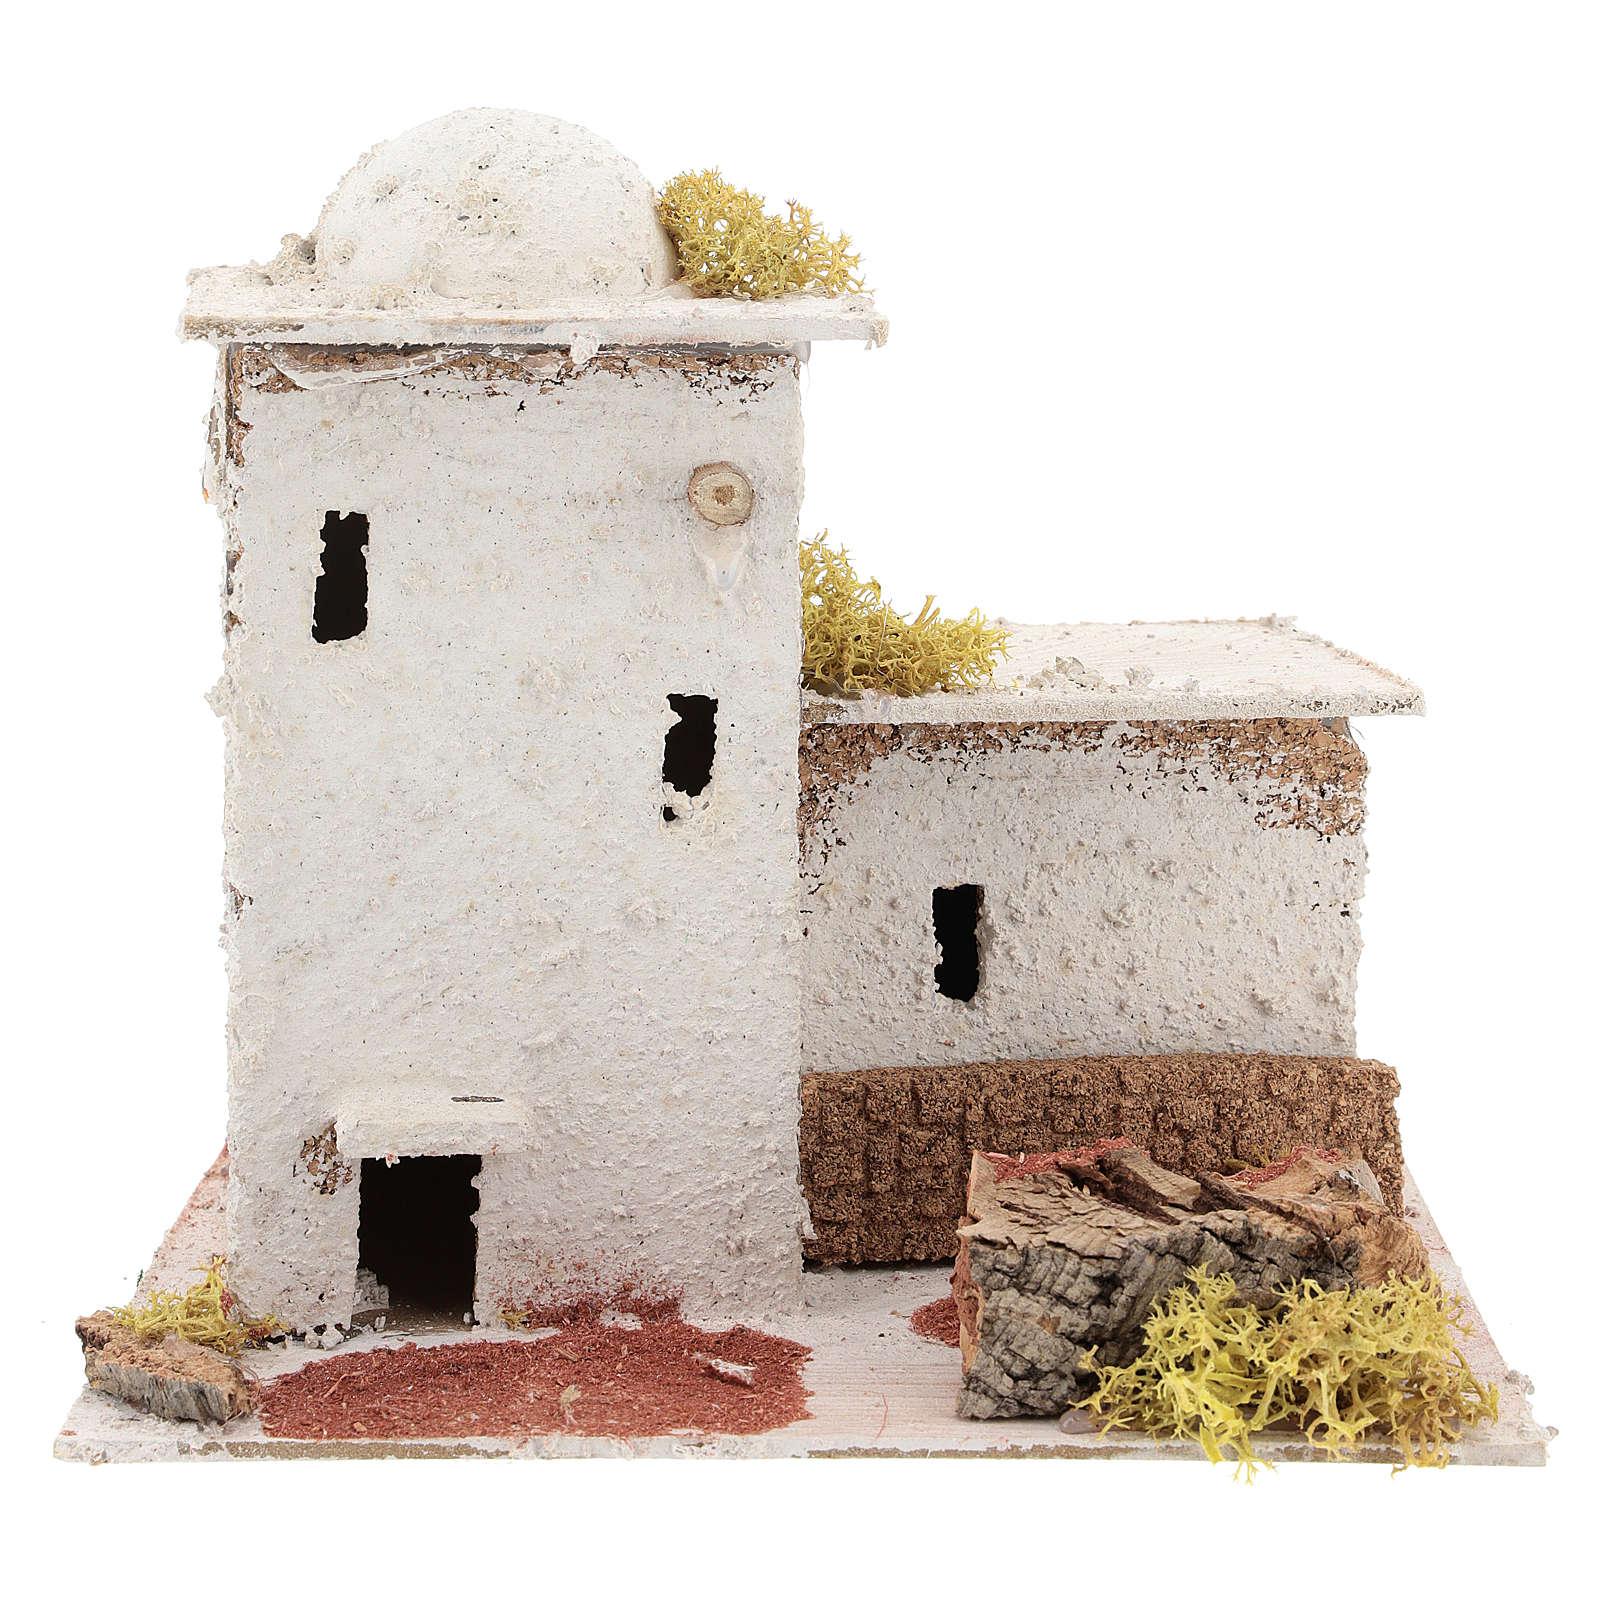 Casa in stile arabo con staccionata per presepe napoletano di 6 cm 4